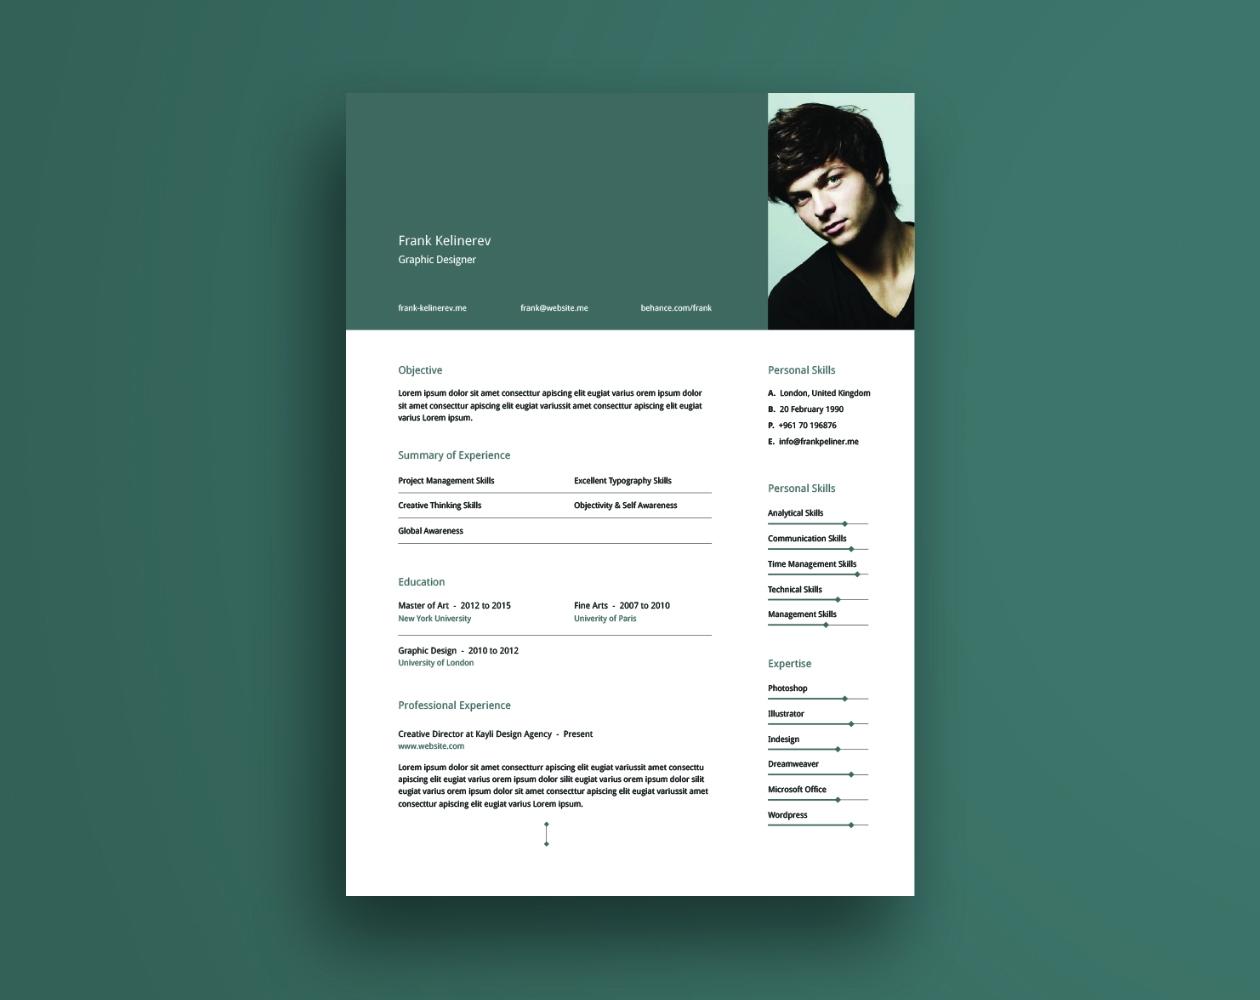 创意简洁的个人简历AI模板 Creative Resume Template插图